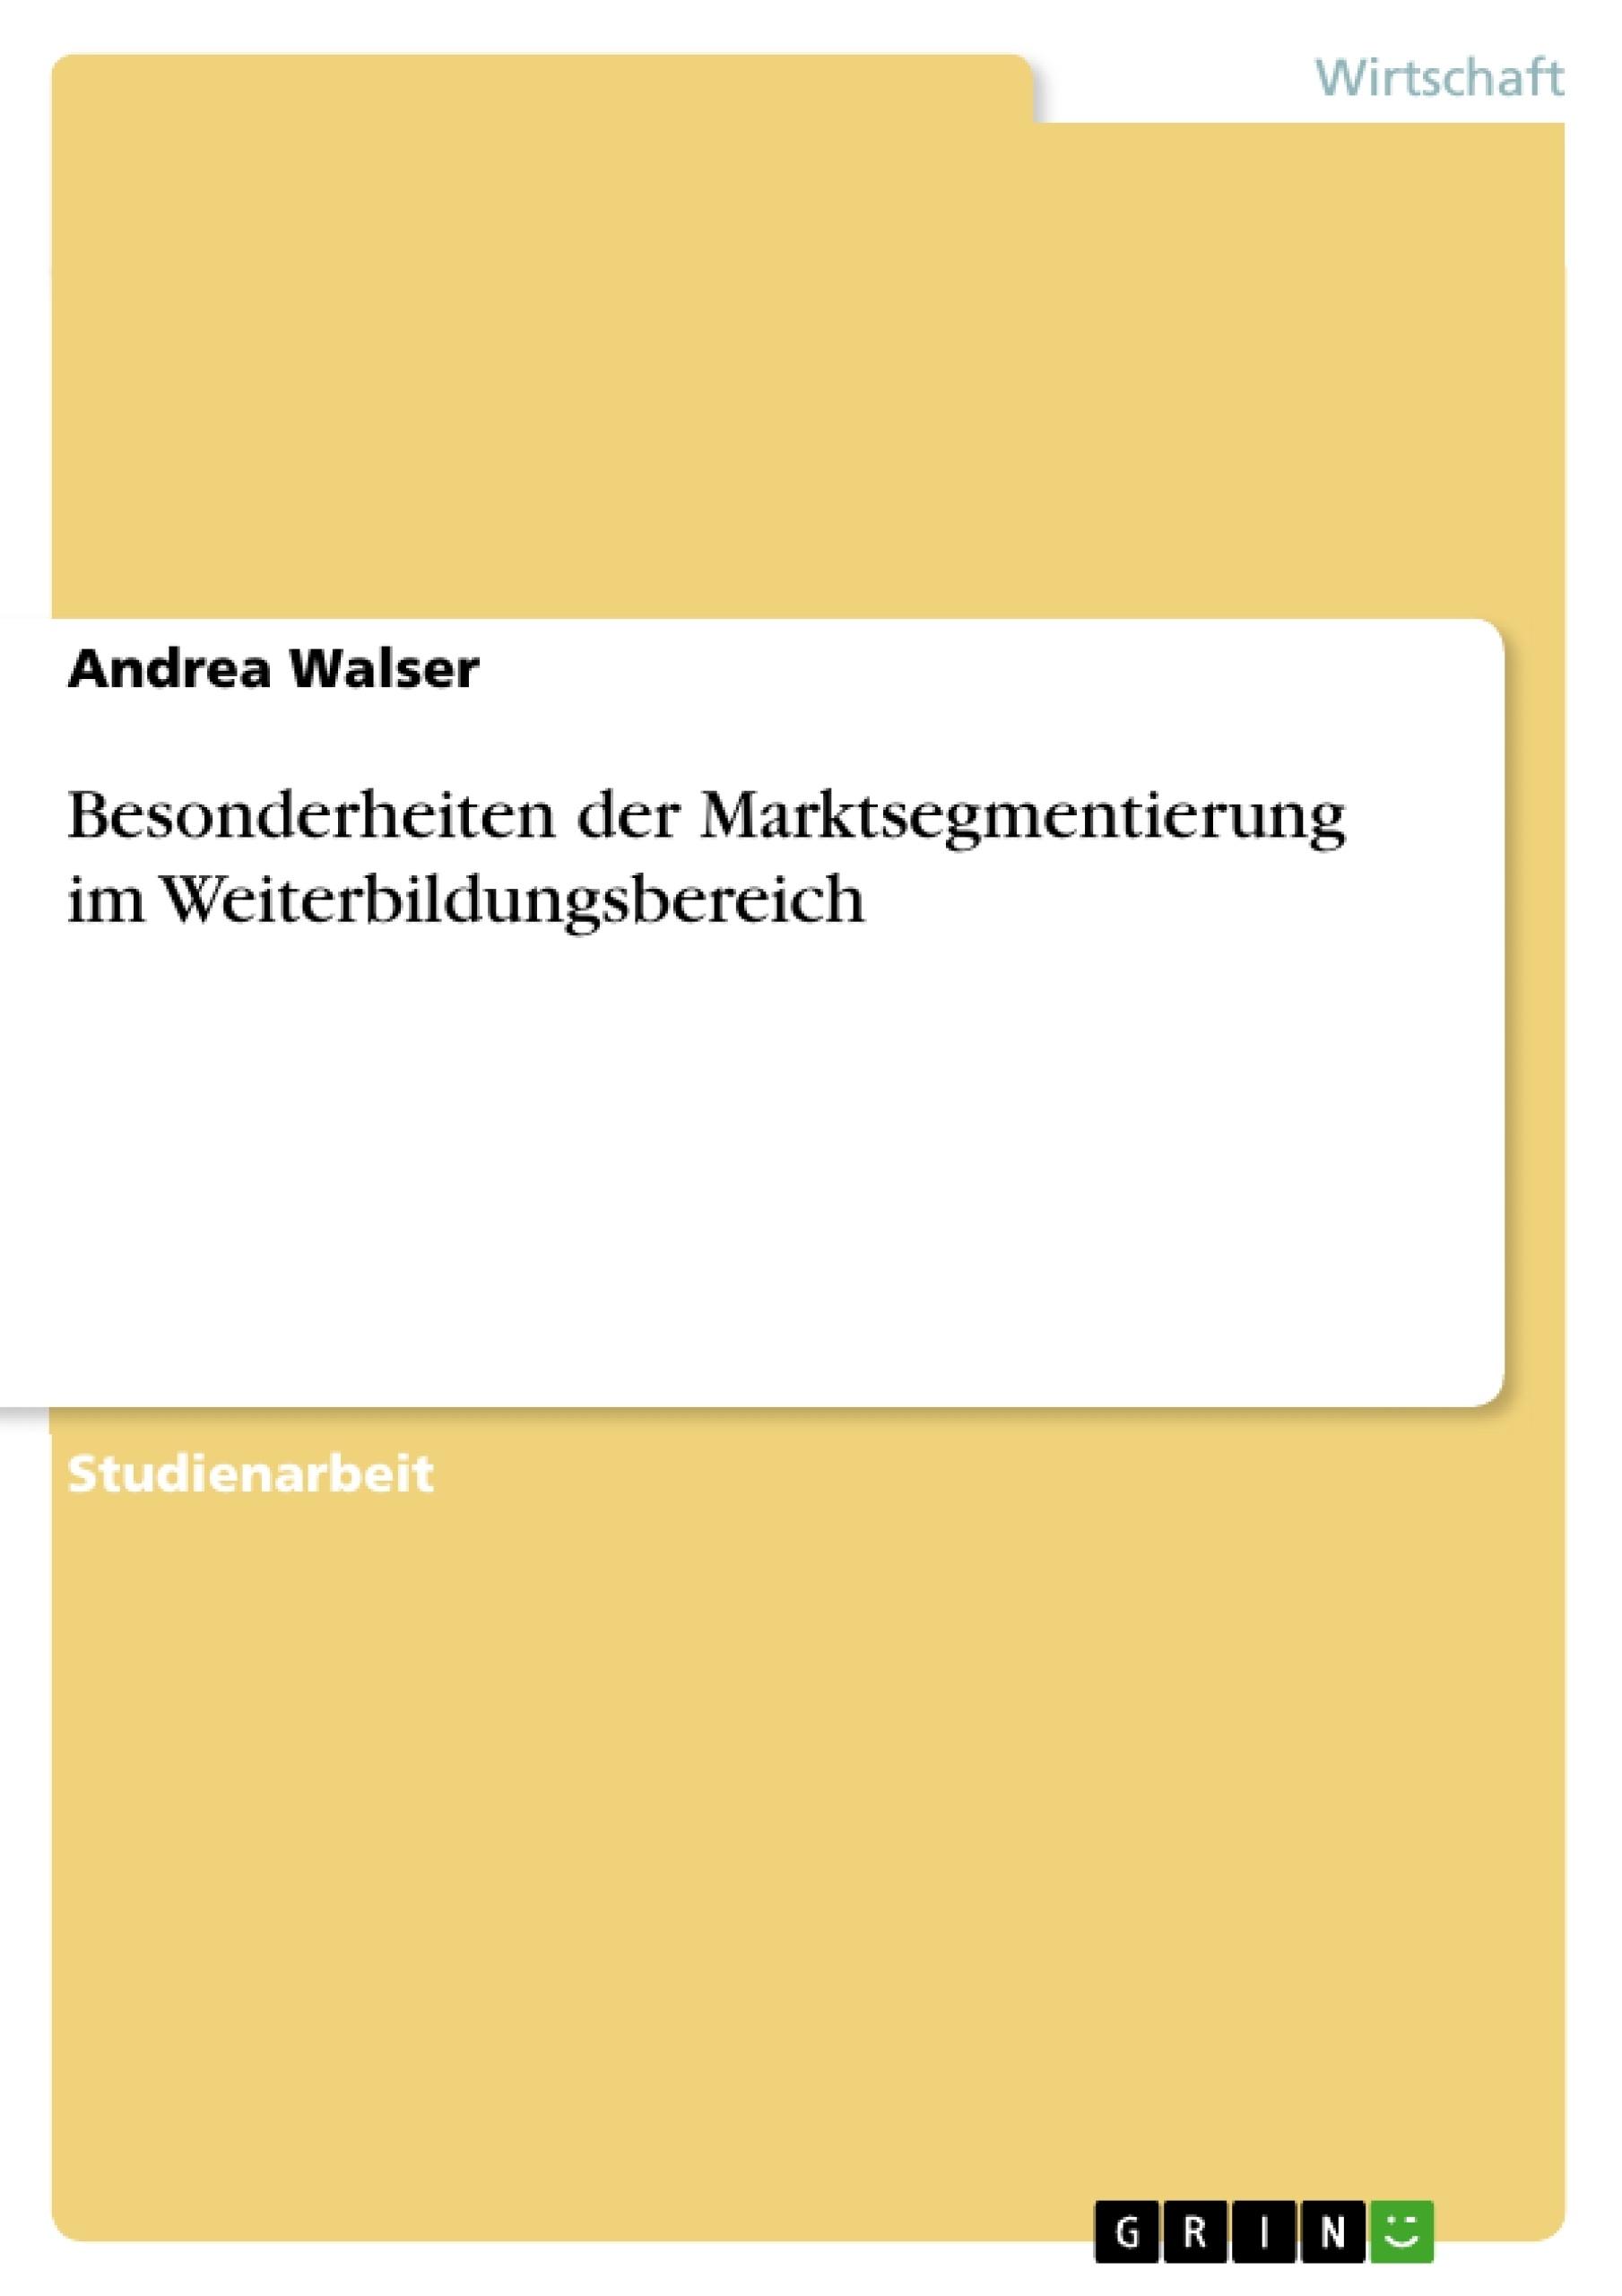 Titel: Besonderheiten der Marktsegmentierung im Weiterbildungsbereich